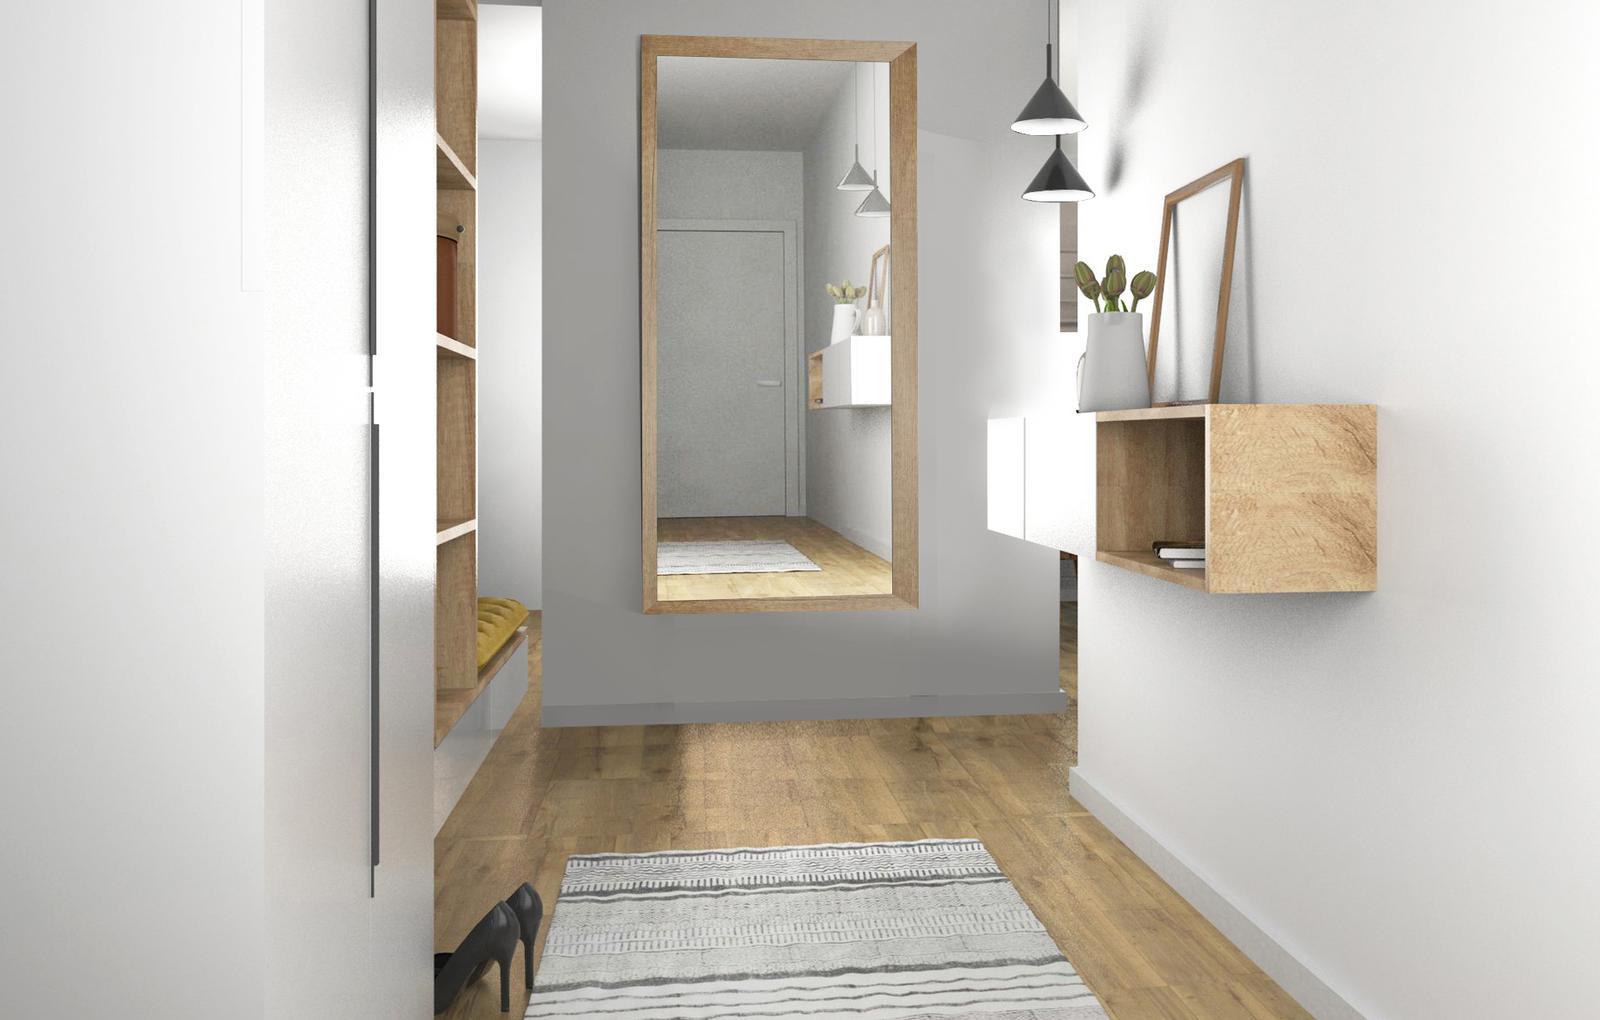 Vstupné haly, chodby - riešenie, návrhy a vizualizácie - Obrázok č. 3